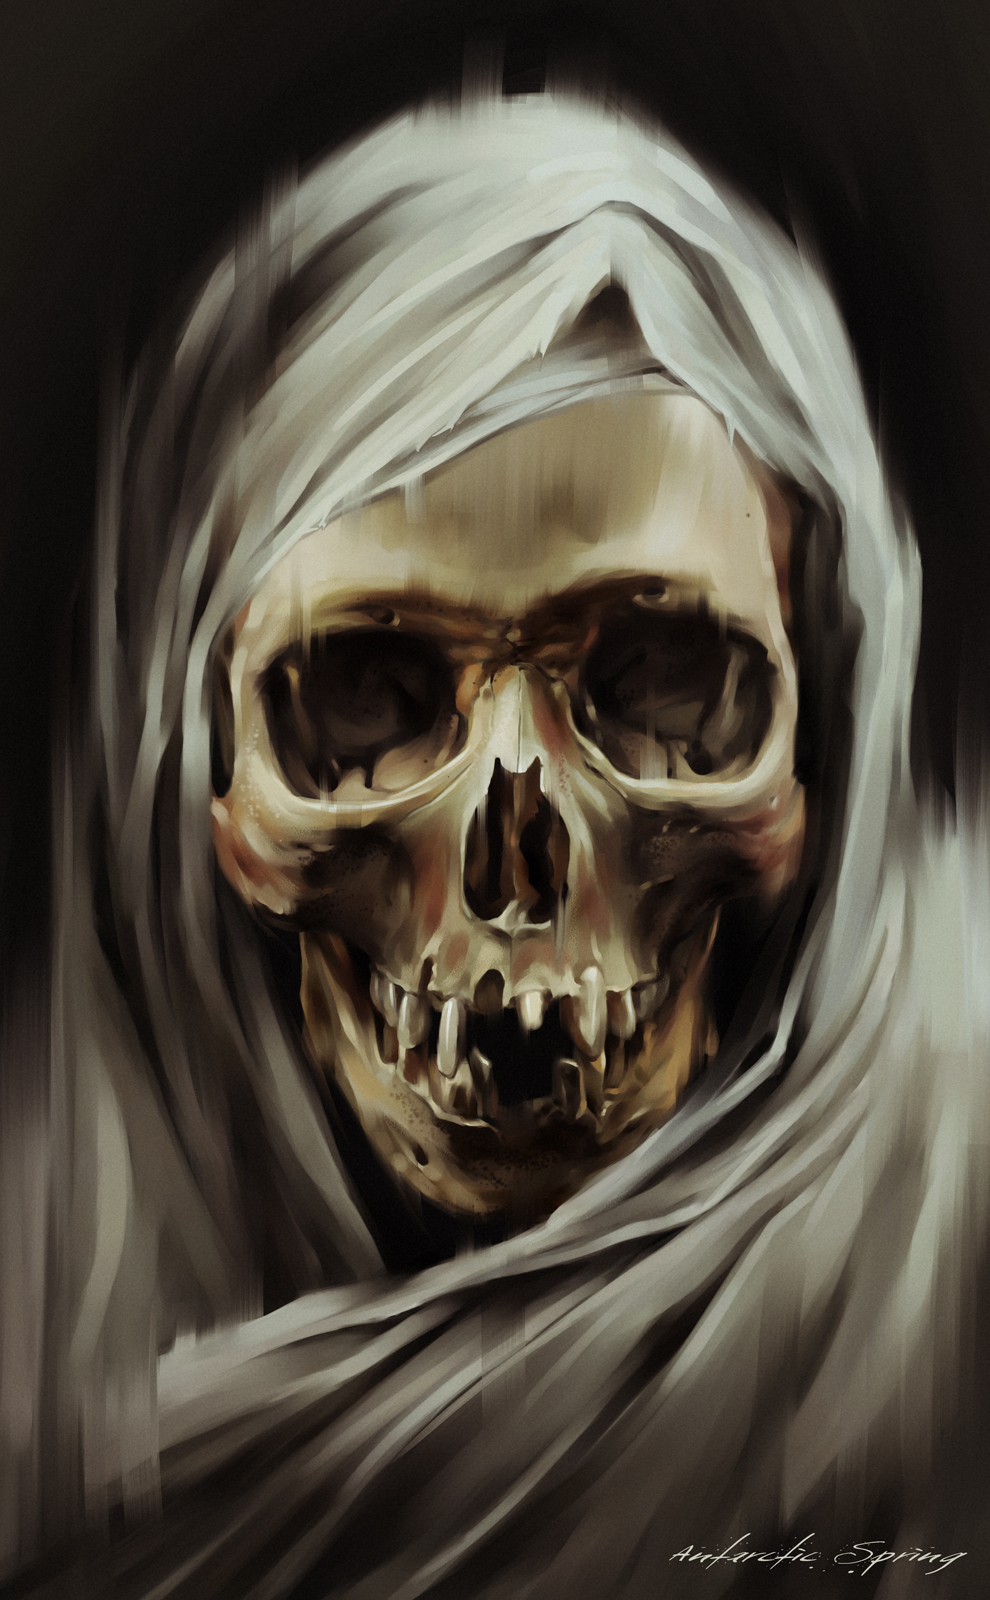 La Galerie d'Horreur Death_by_antarcticspring-d6i8qk9